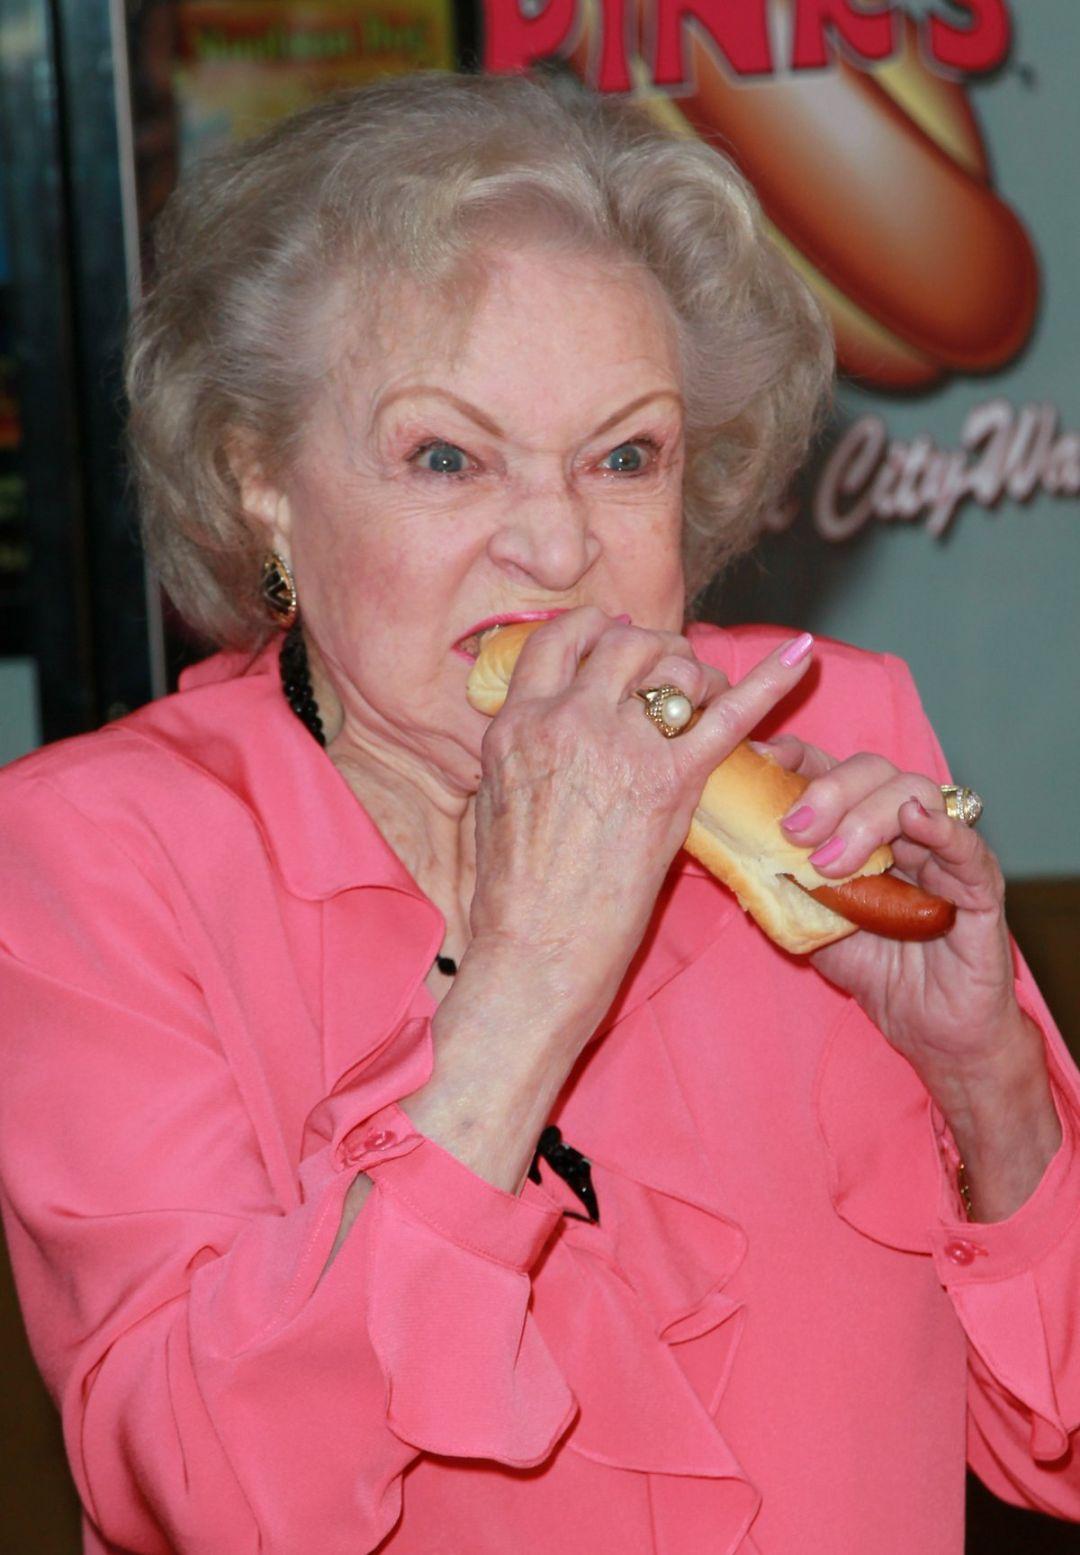 Betty White and hotdog